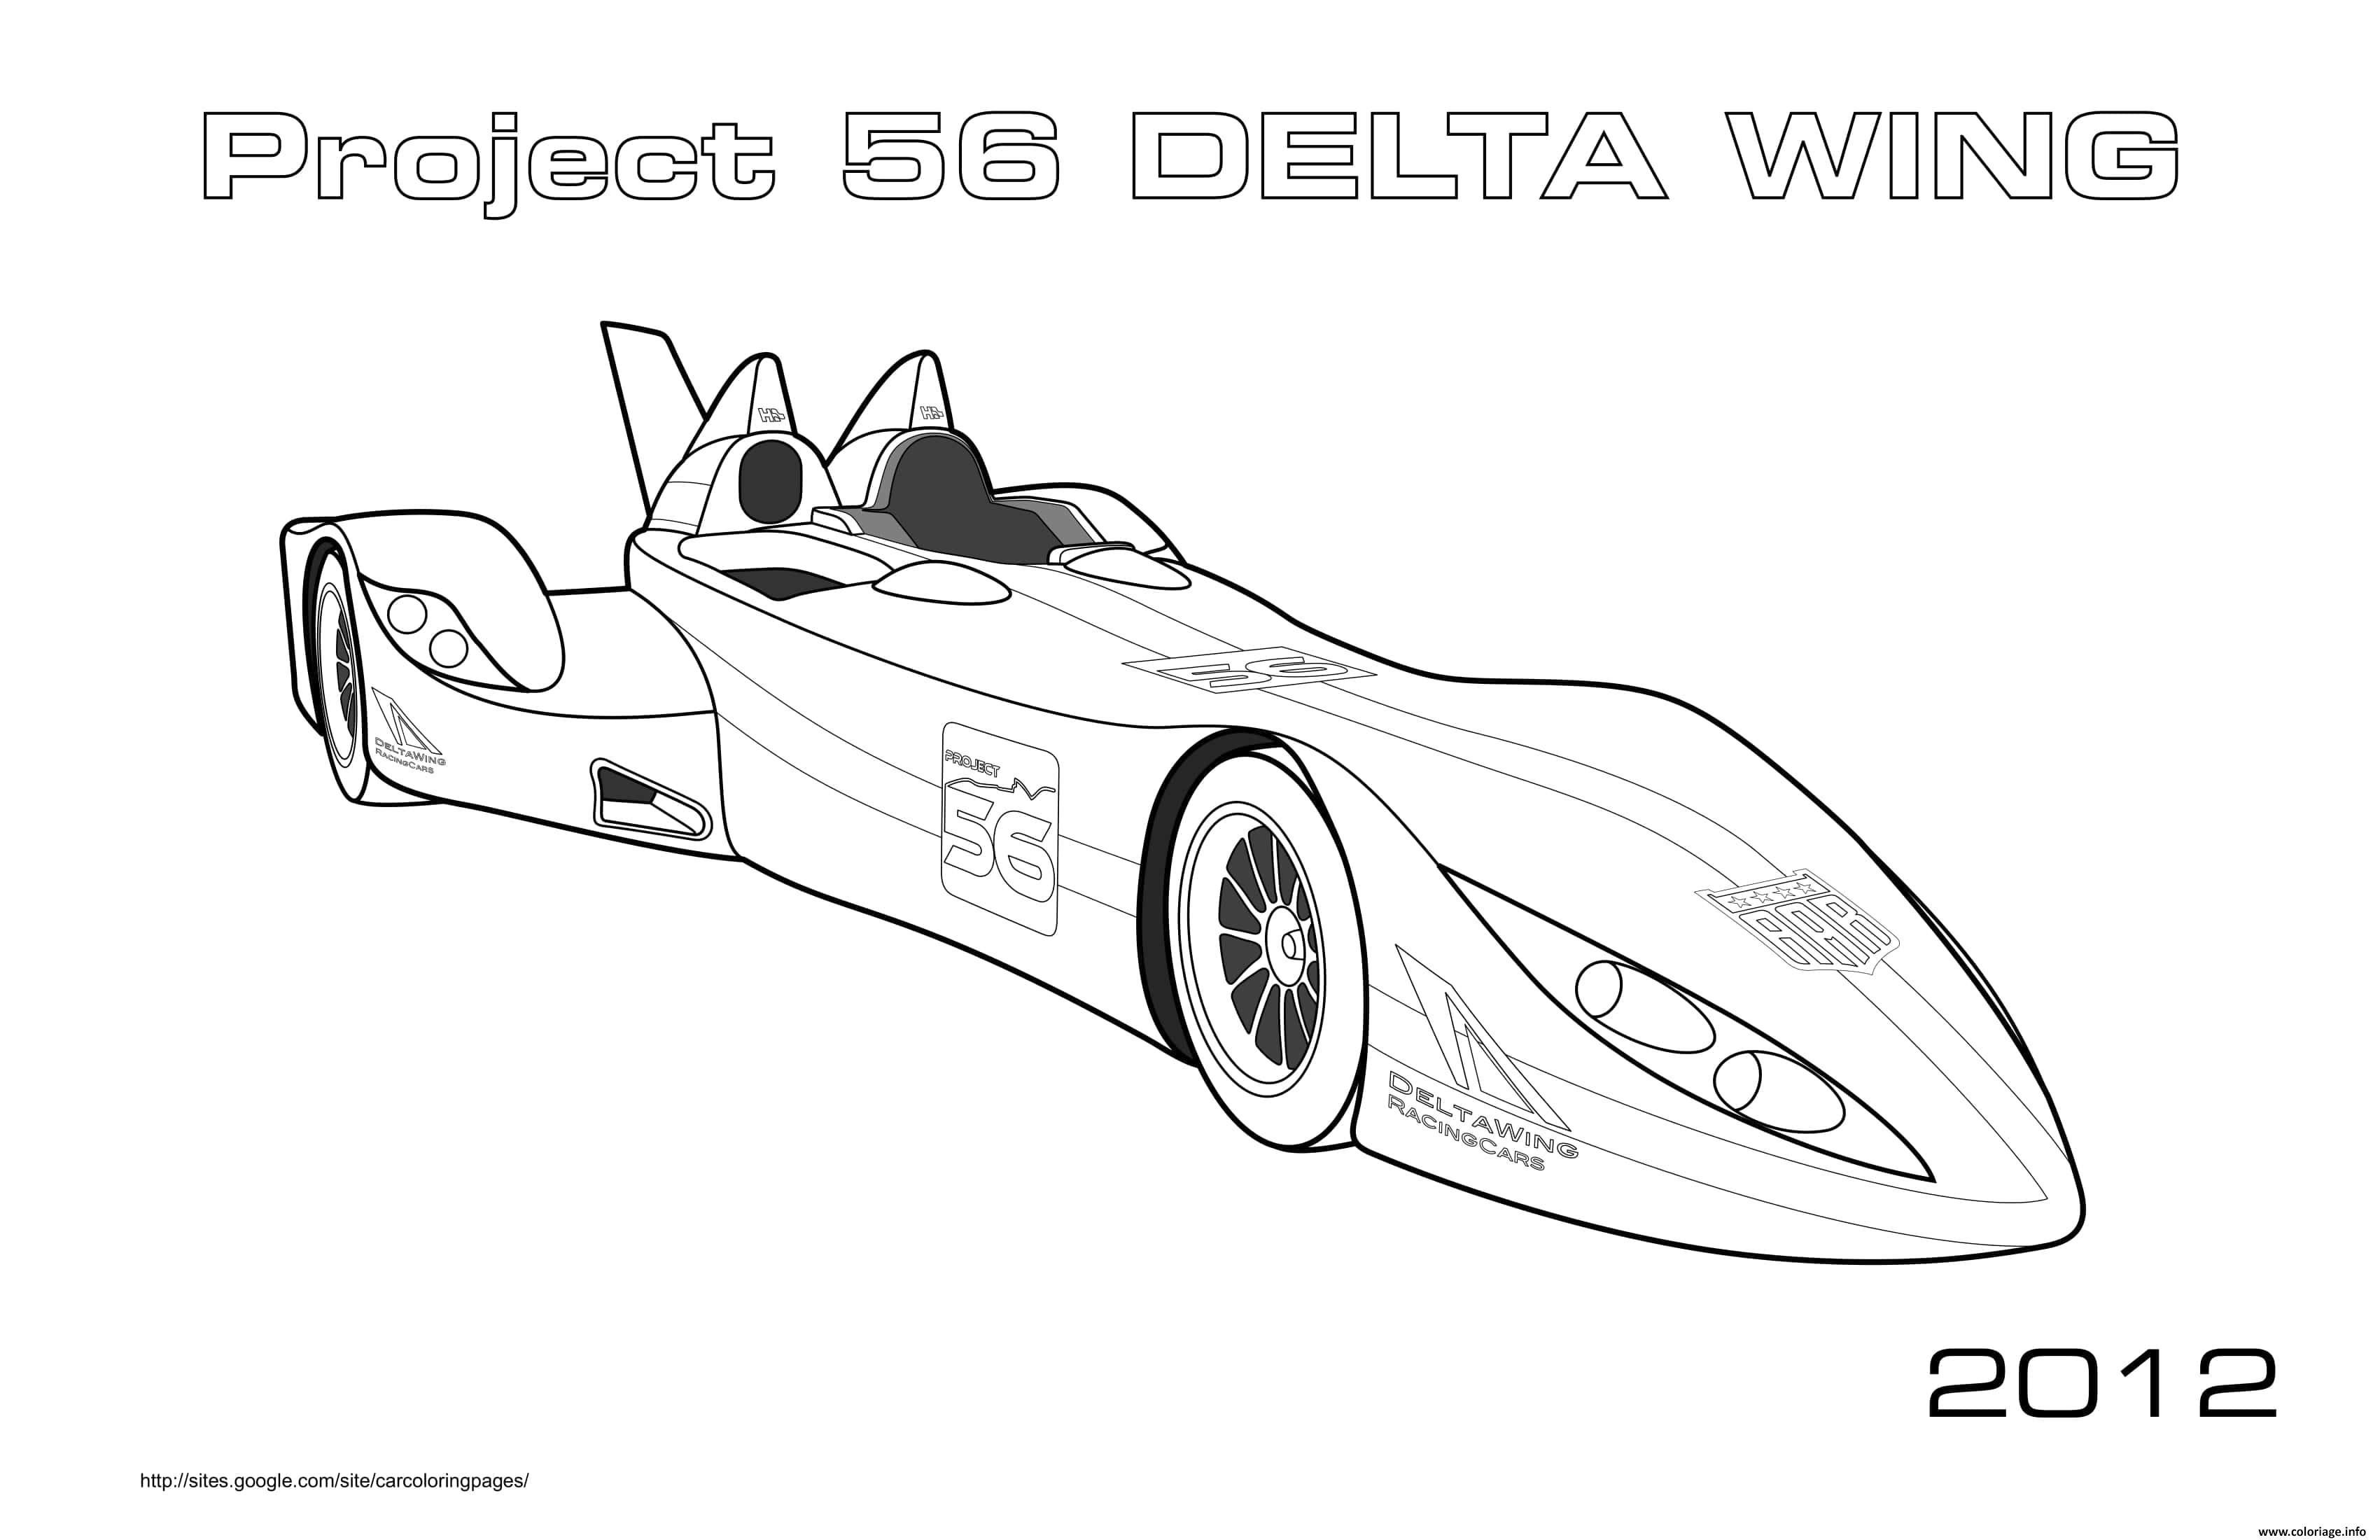 Dessin Project 56 Delta Wing 2012 Coloriage Gratuit à Imprimer